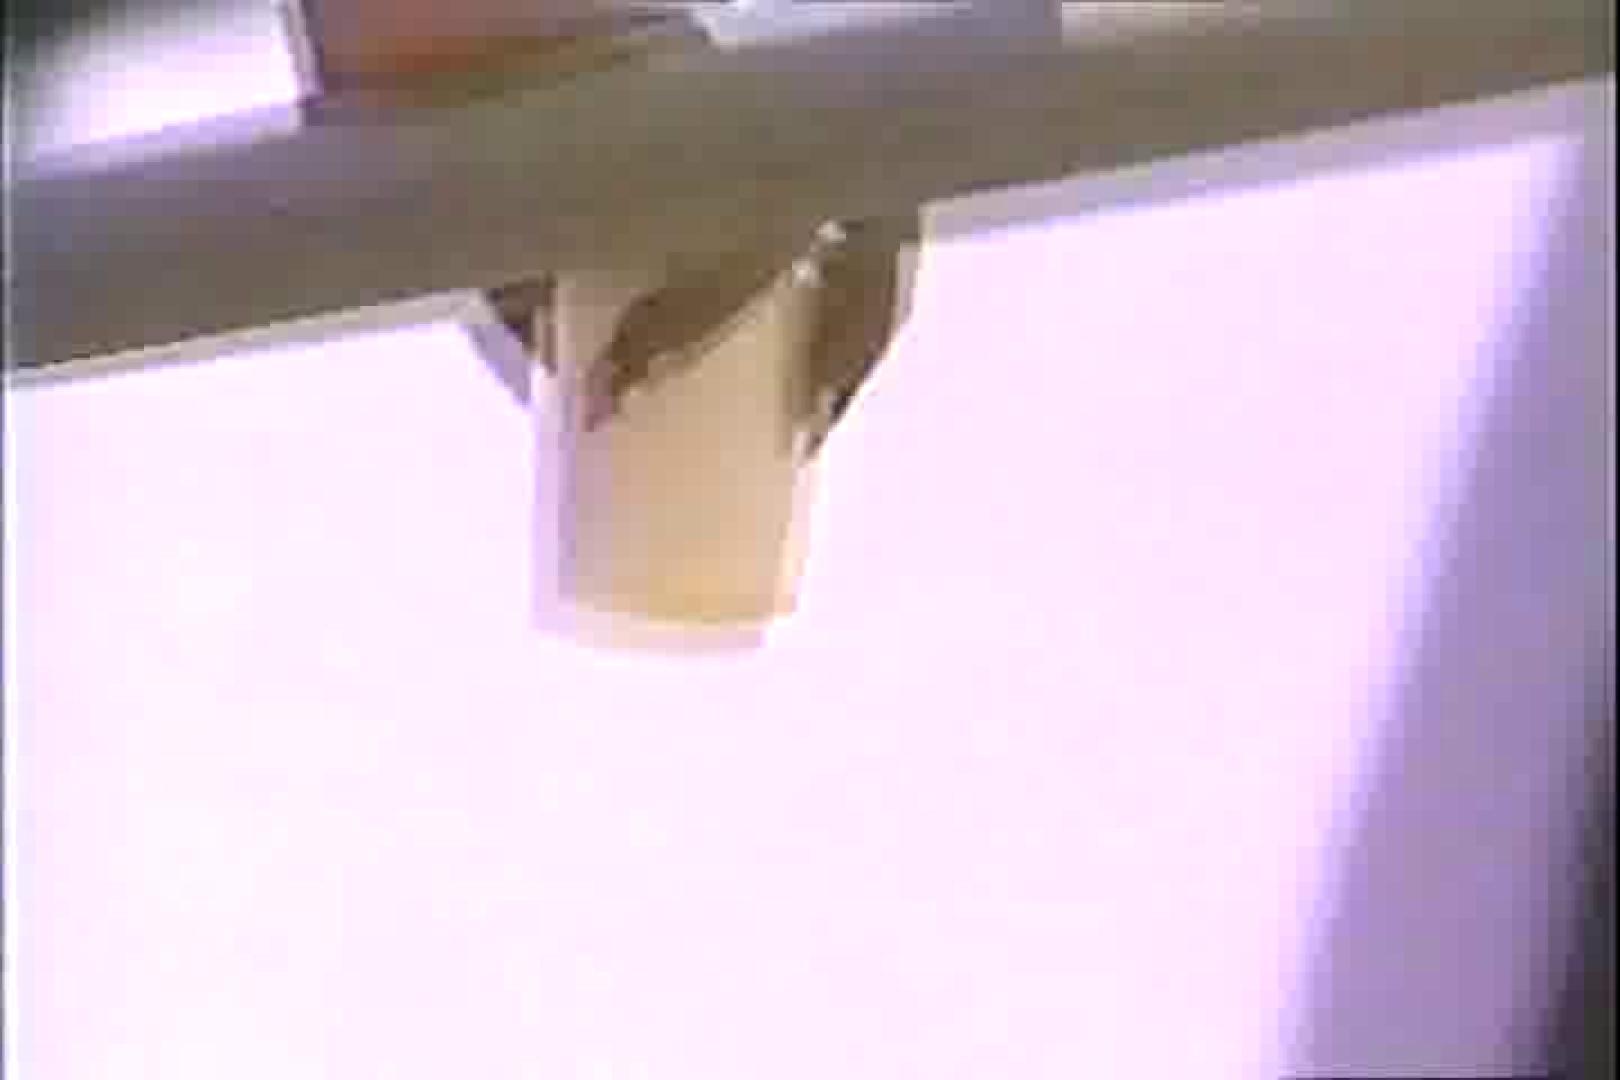 「ちくりん」さんのオリジナル未編集パンチラVol.3_01 レースクイーン   パンチラハメ撮り  40pic 40